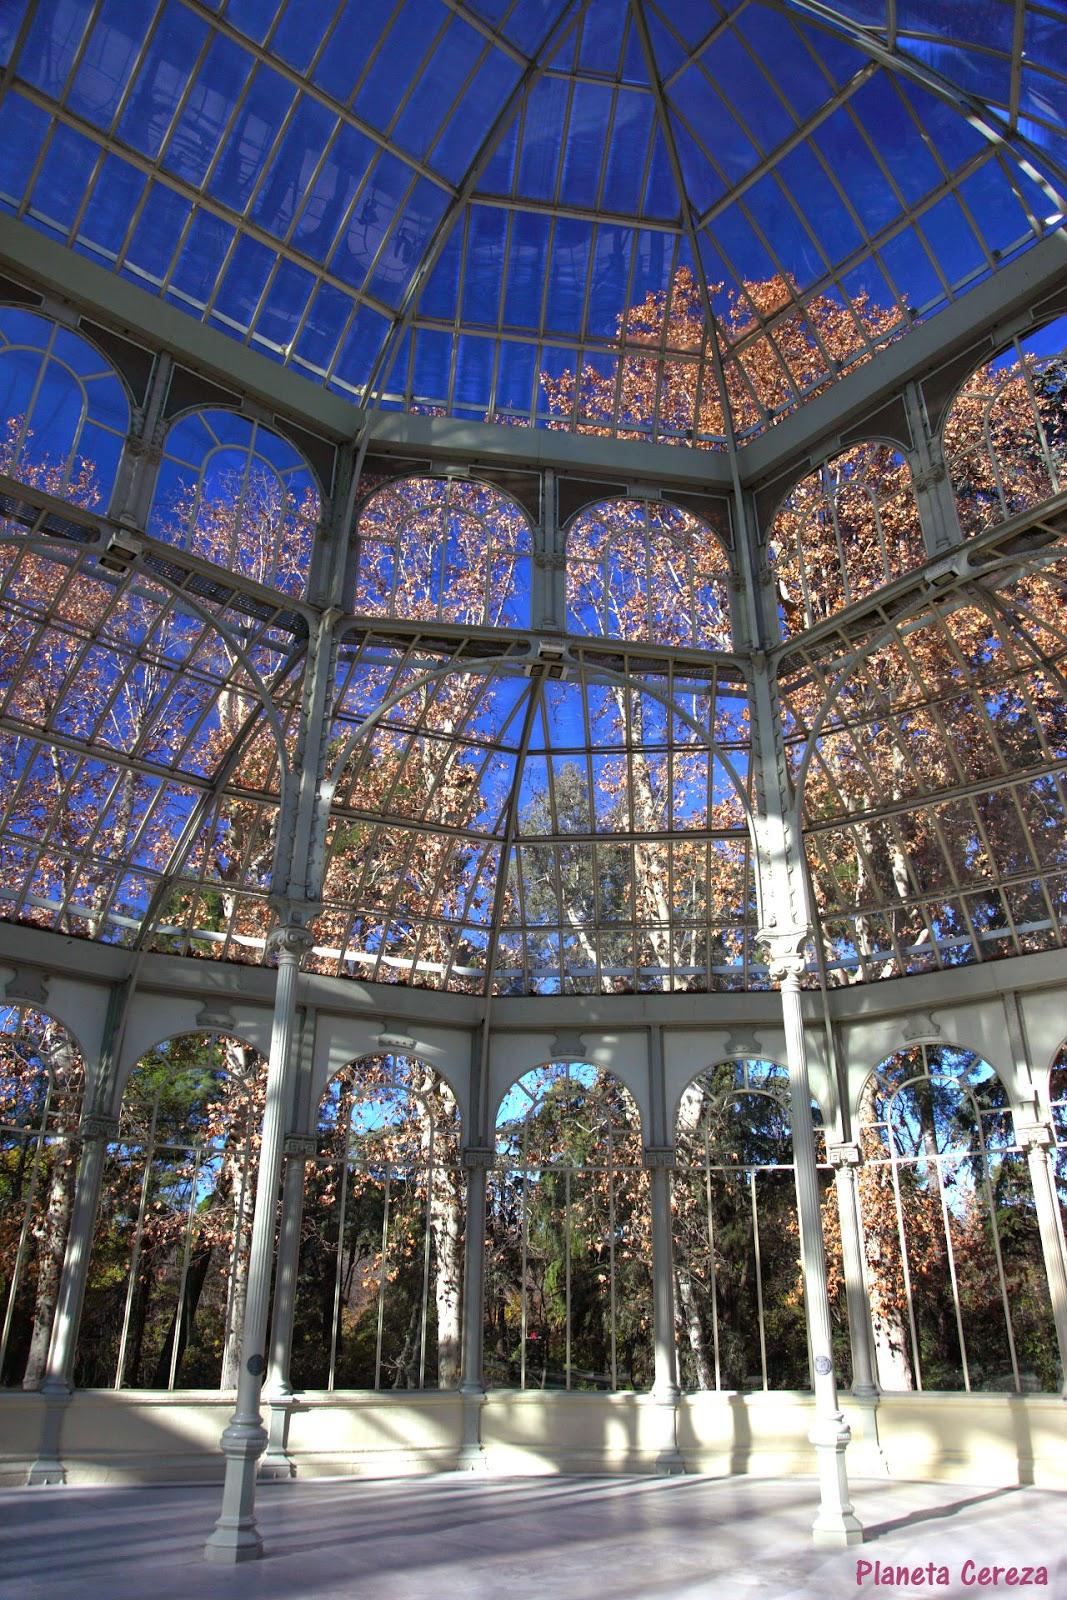 Planeta cereza rincones el palacio de cristal de madrid - Invernadero de cristal ...